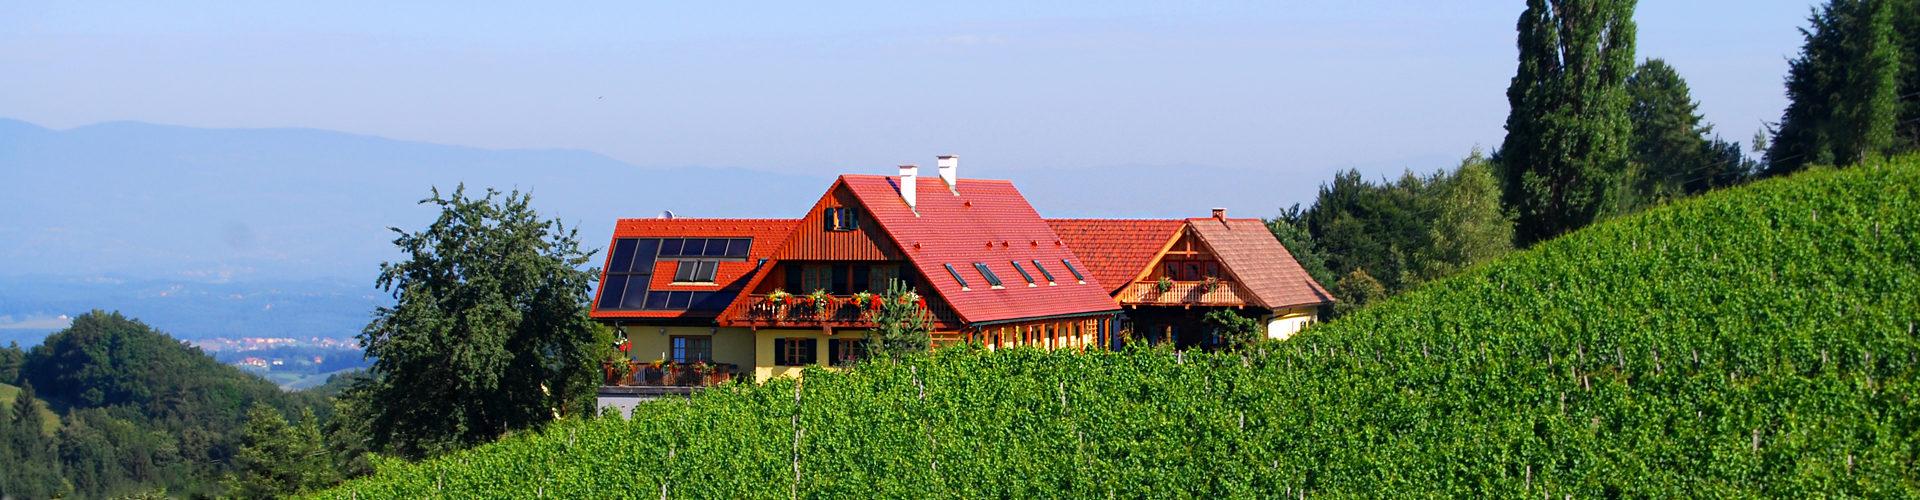 Weingut Winzerzimmer Rothschädl umgeben von Weingärten in der wunderschönen Landschaft der Südsteiermark.